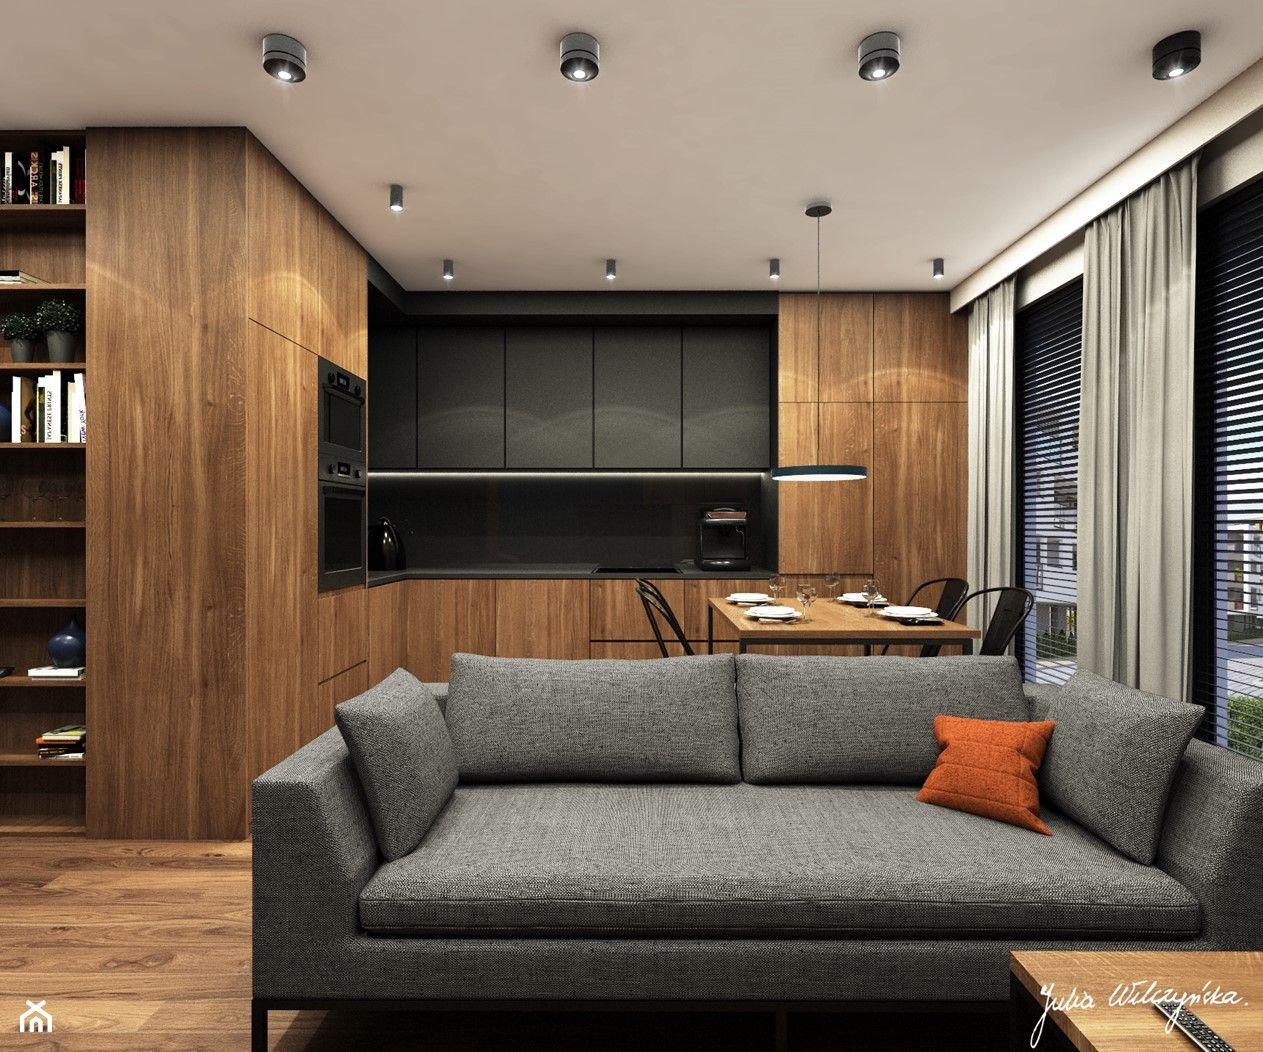 Sredni Salon Z Kuchnia Aranzacje Pomysly Inspiracje Strona 2 Homebook Modern Kitchen Design Modern Kitchen House